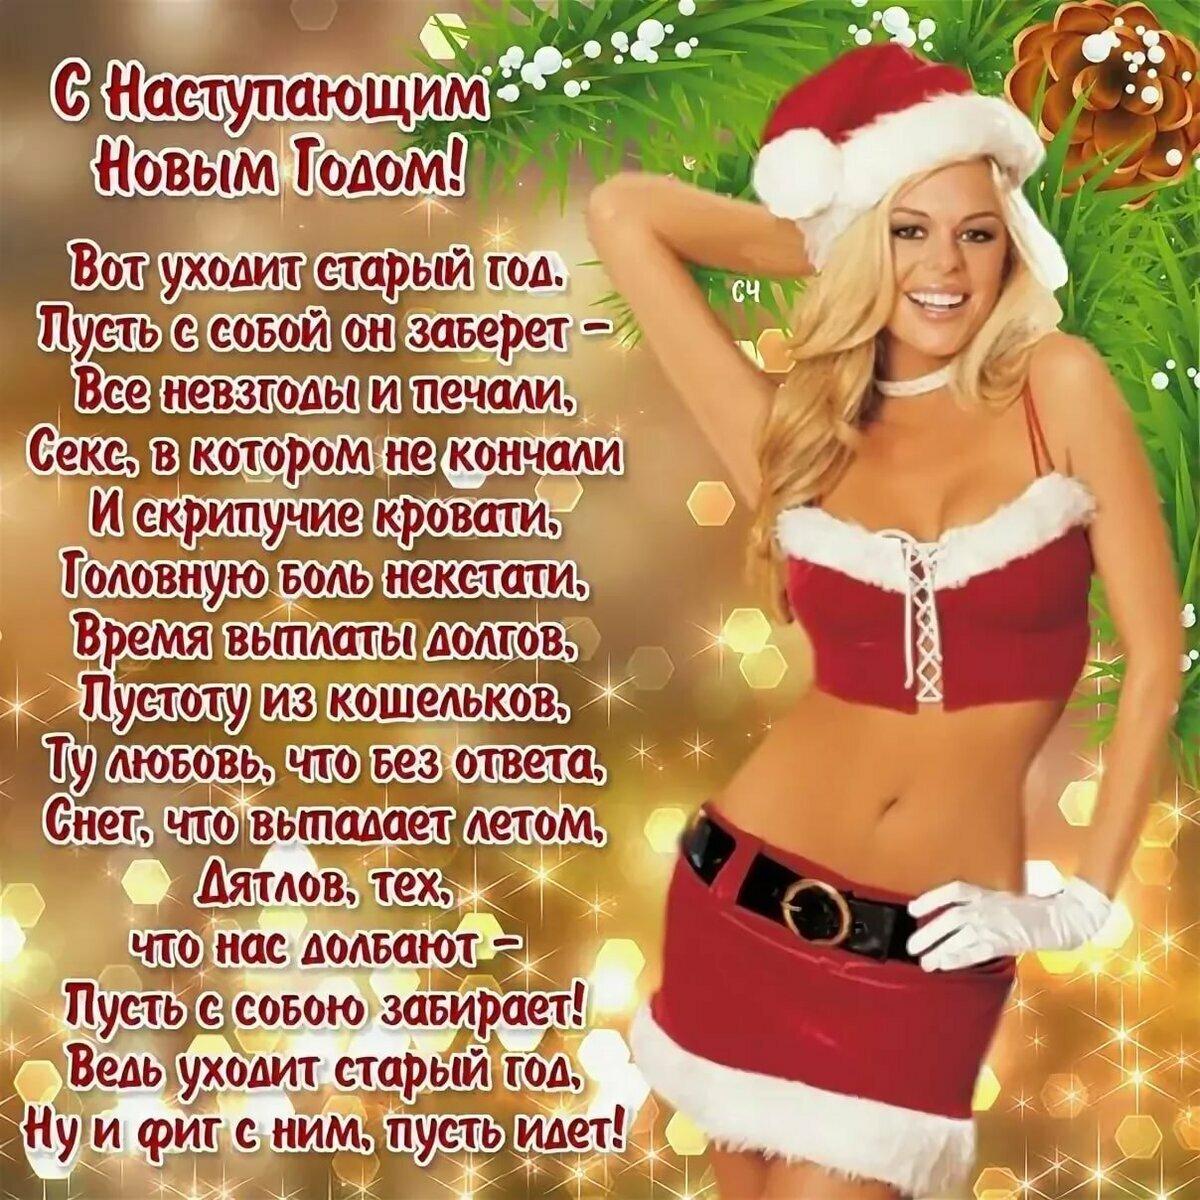 фото спальня шуточные новогодние поздравления в стихах финансам